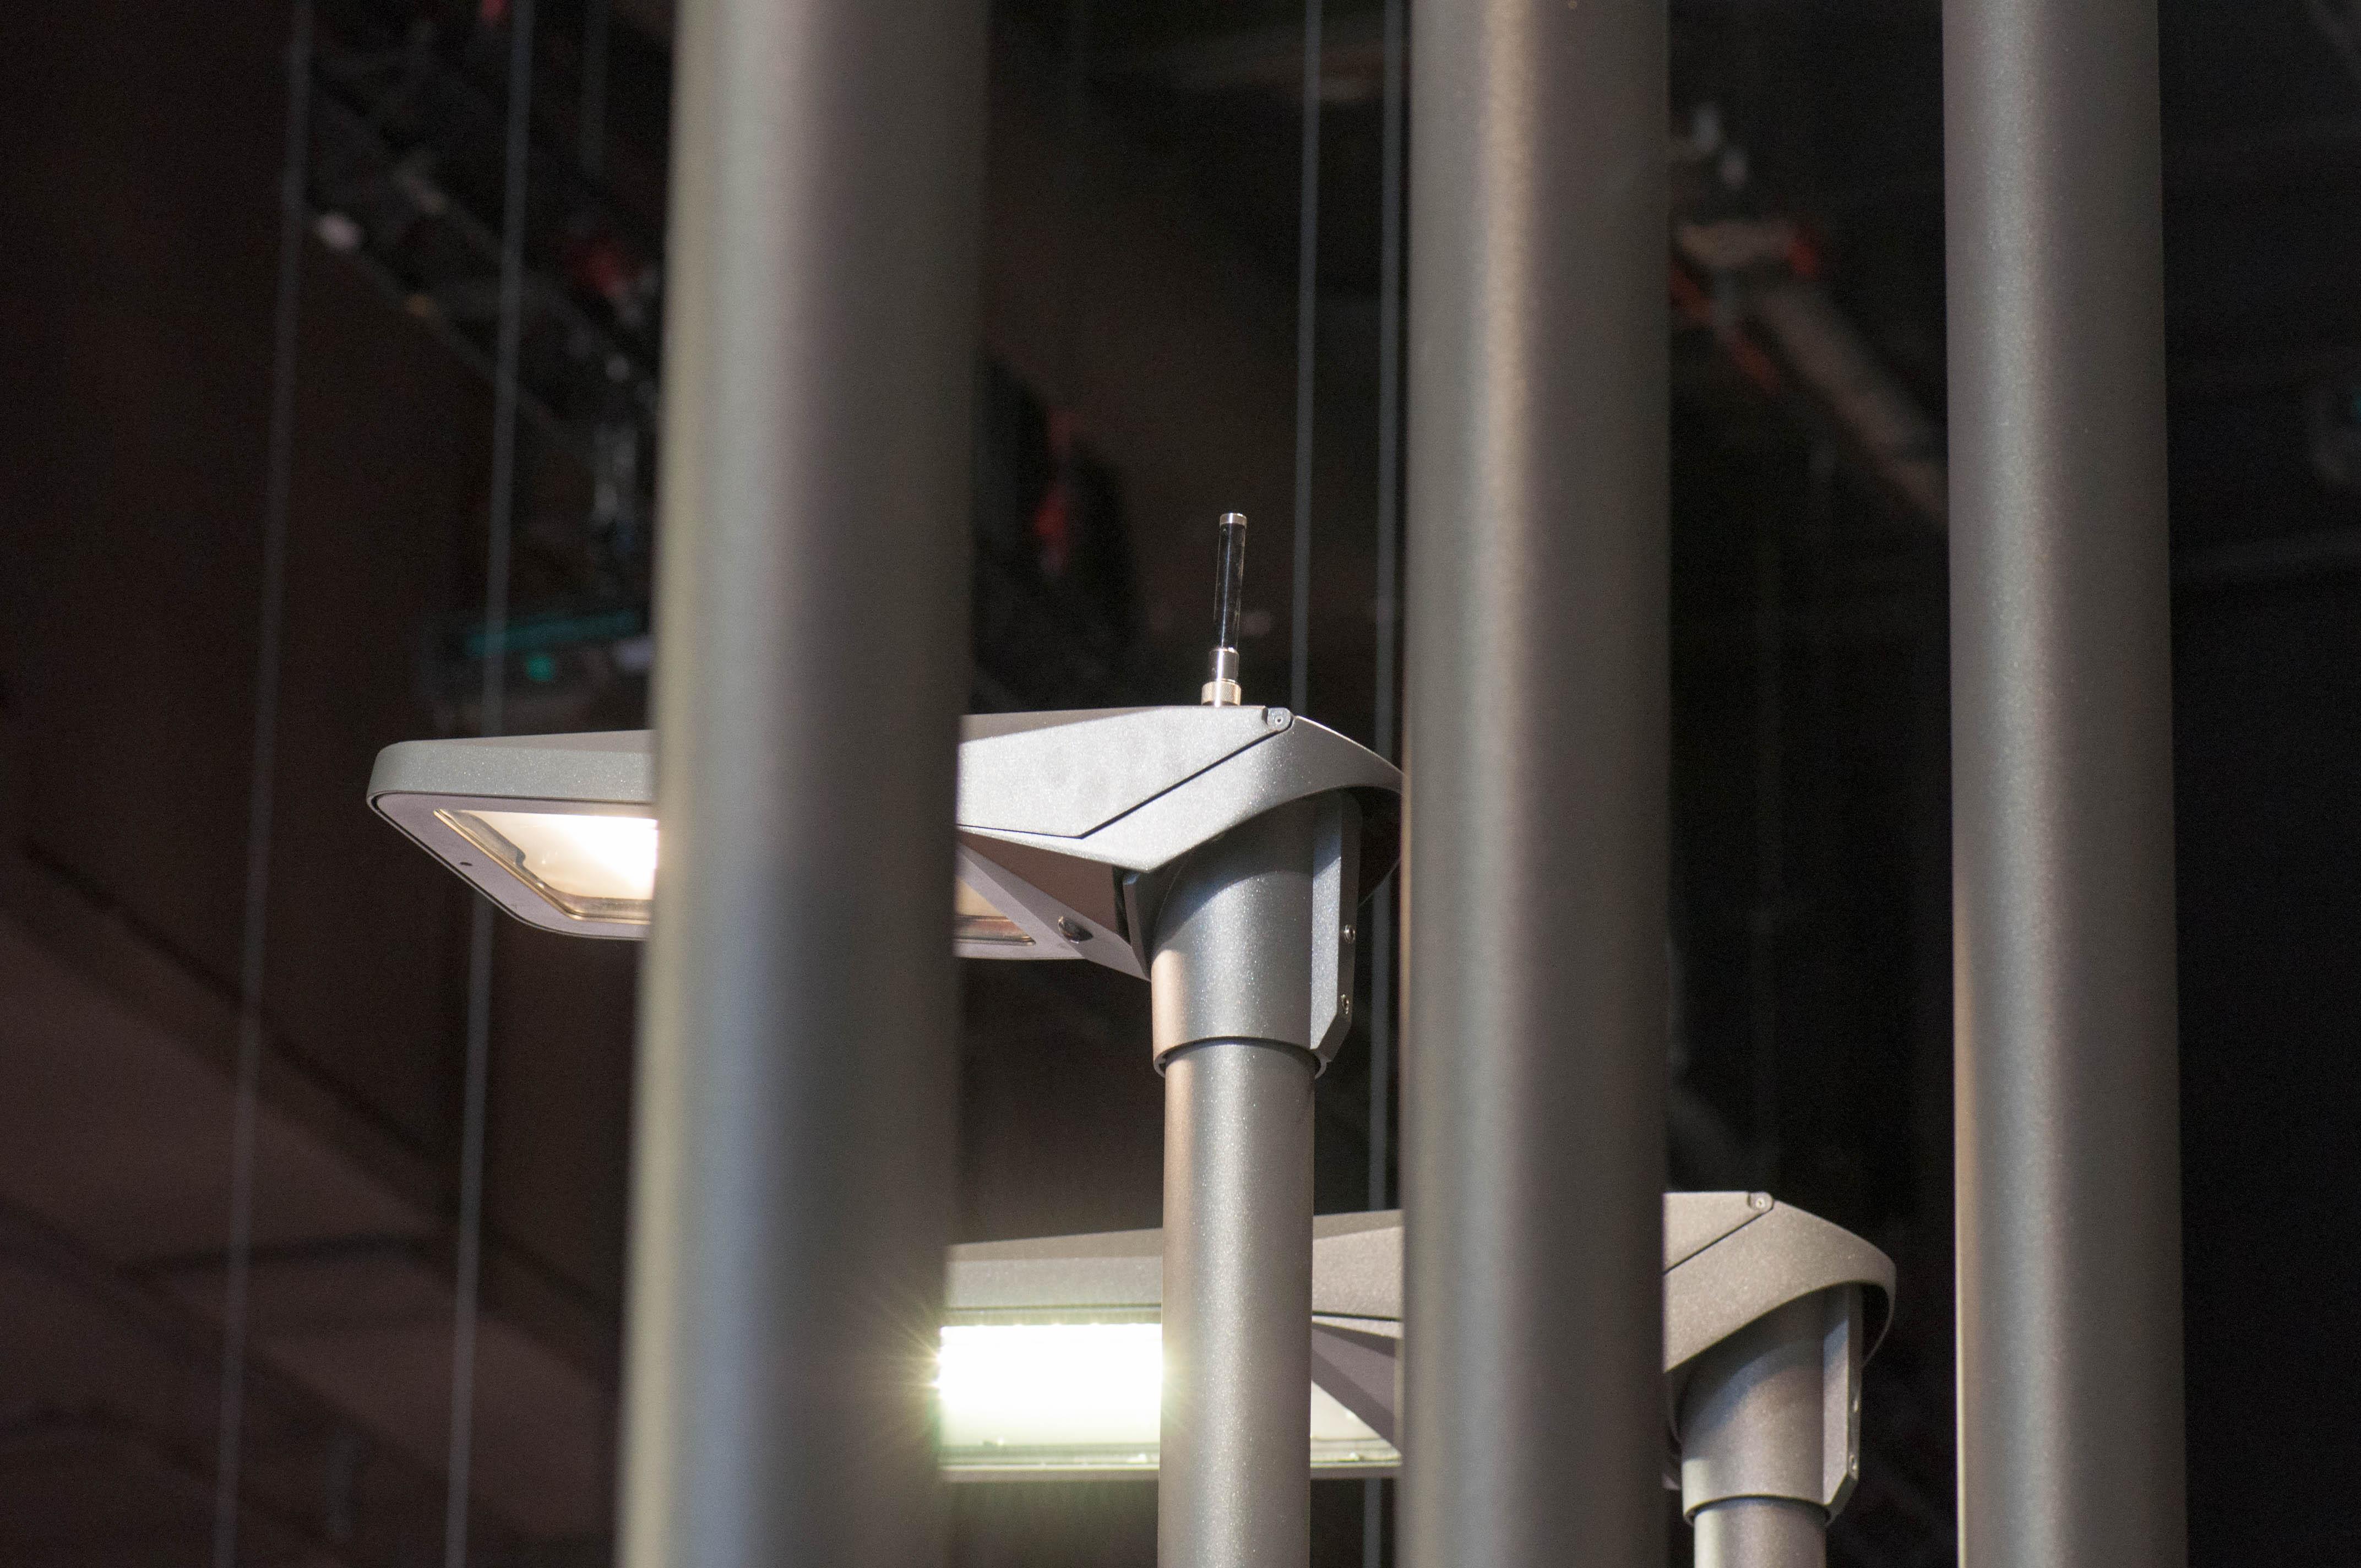 Straßenleuchten: Nach der LED kommt die Intelligenz - Dieses Cleverlight-Modell nutzt eine externe Antenne. (Foto: Andreas Sebayang/Golem.de)